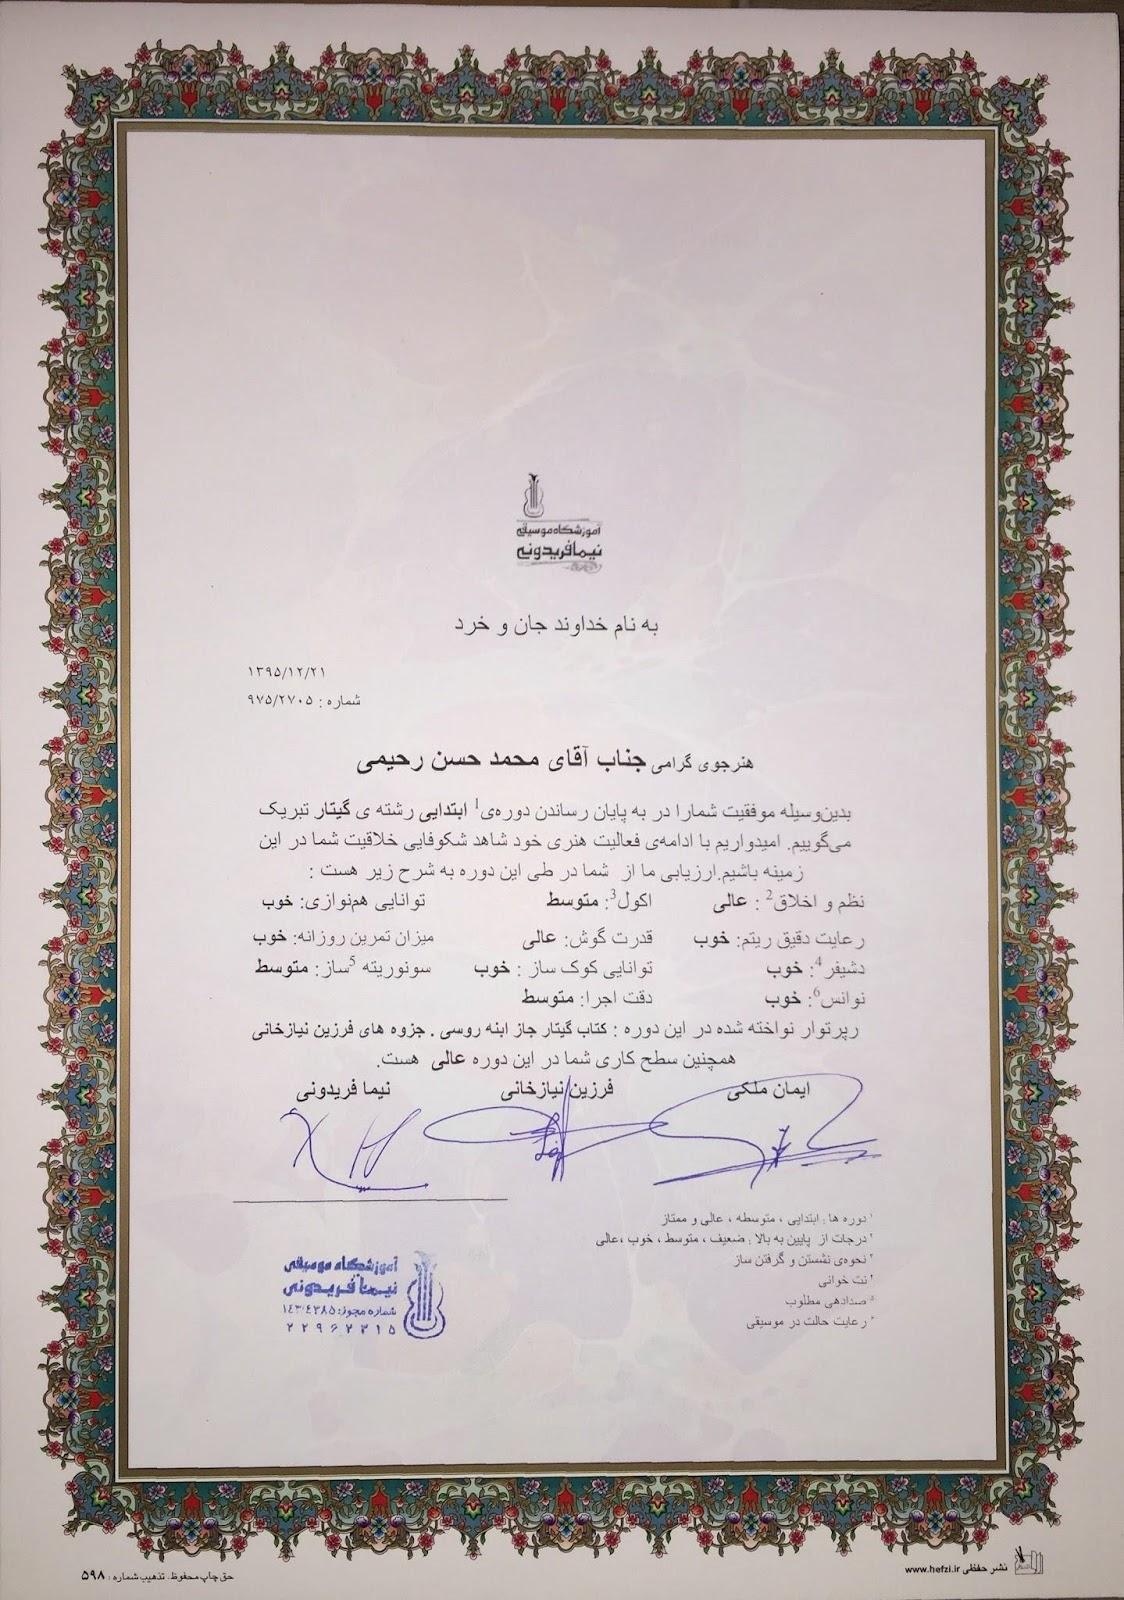 گواهینامهی پایاندورهی ابتدایی محمدحسن رحیمی هنرجوی گیتار فرزین نیازخانی